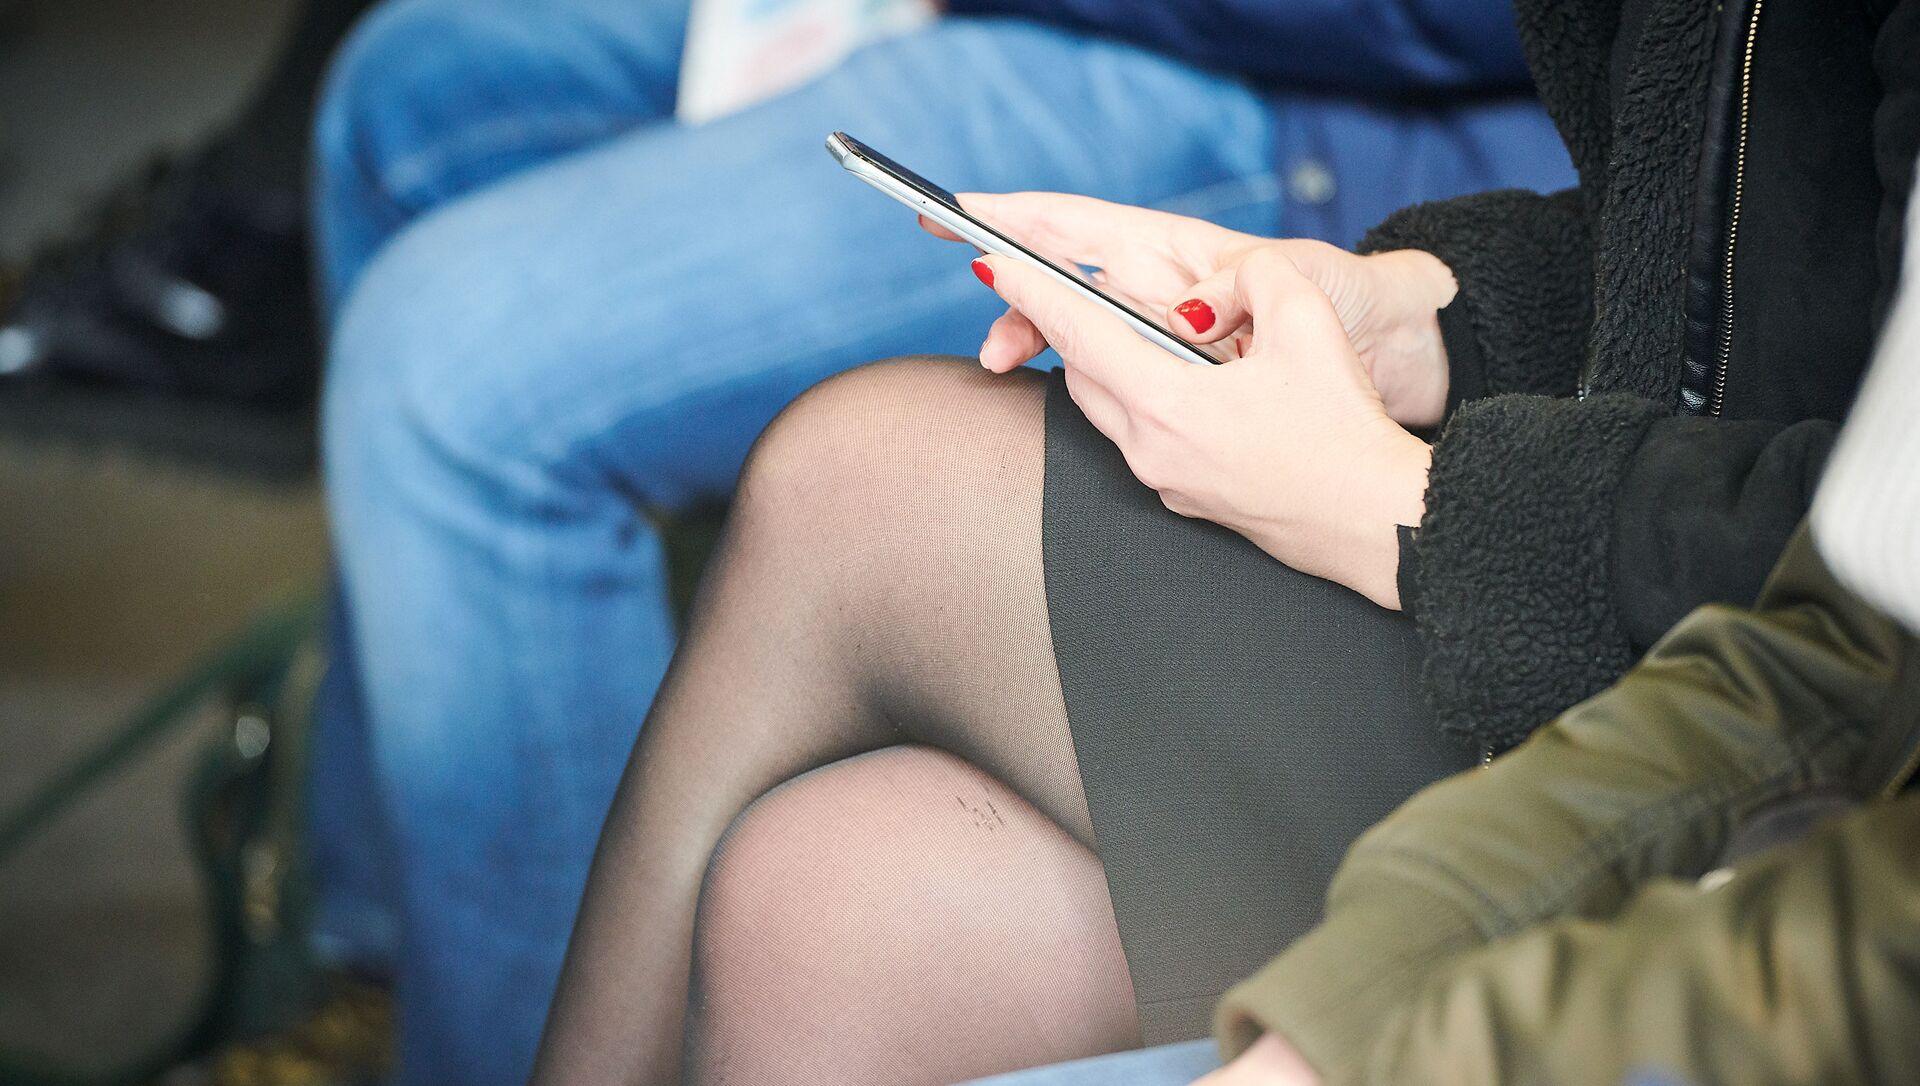 Женщина переписывается в социальных сетях с помощью смартфона - Sputnik Грузия, 1920, 03.02.2021